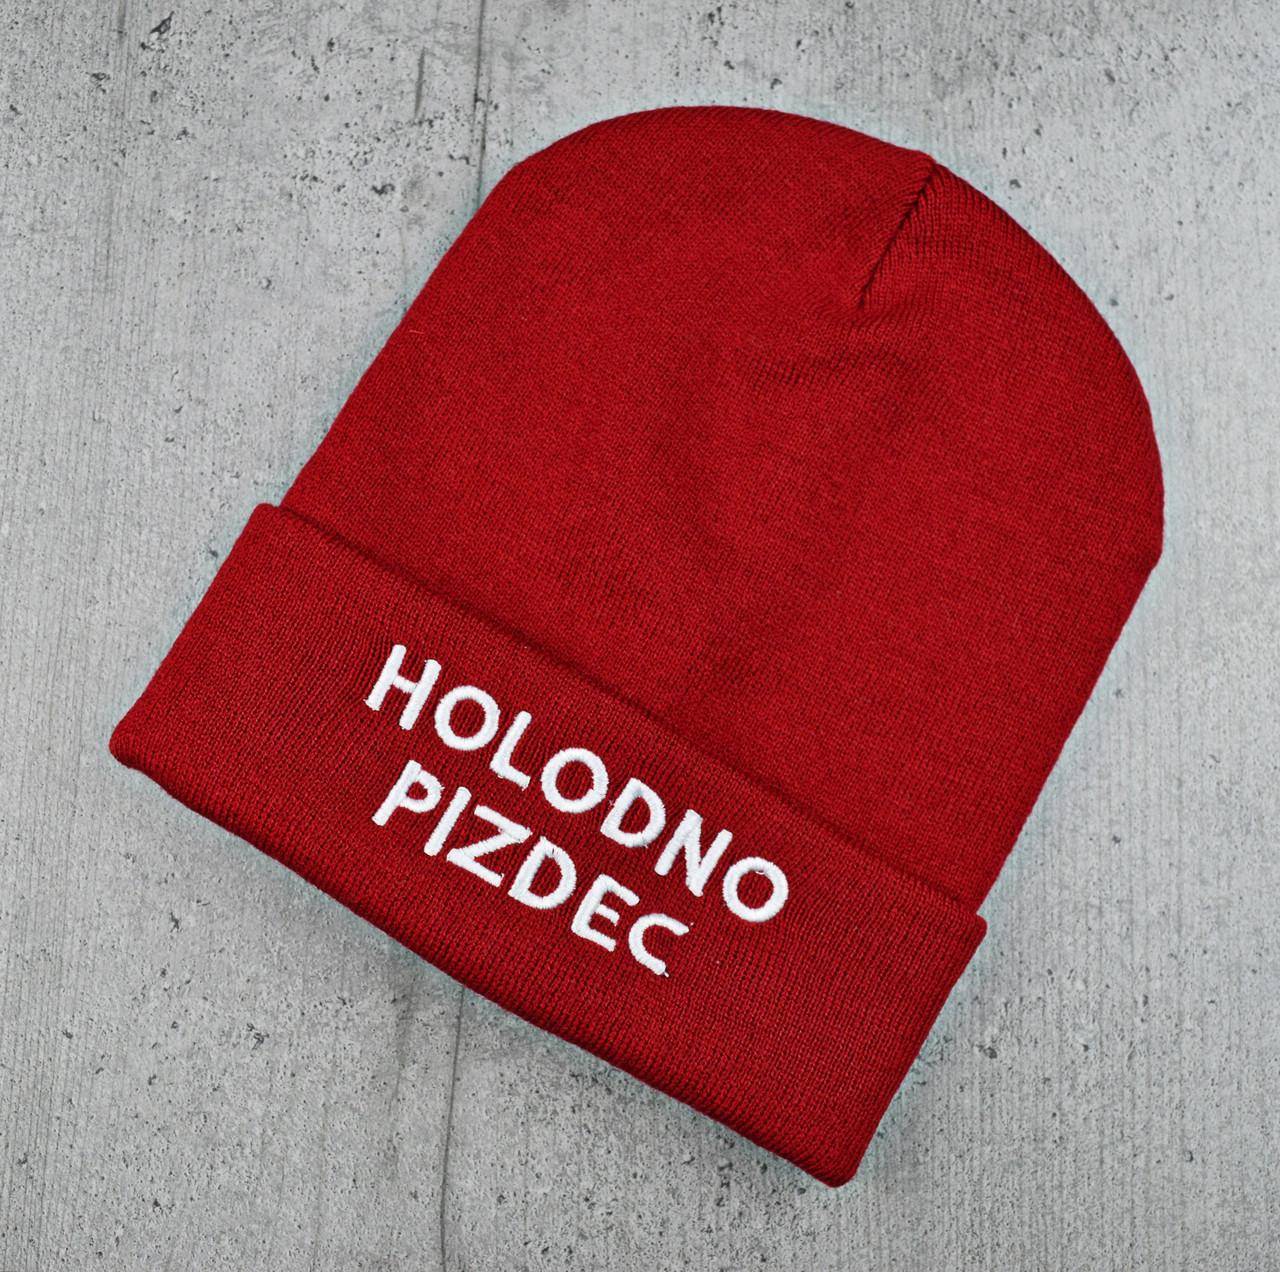 Шапка HOLODNO PIZDEC / Холодно П***** Красная - молодежная шапка-лопата с отворотом